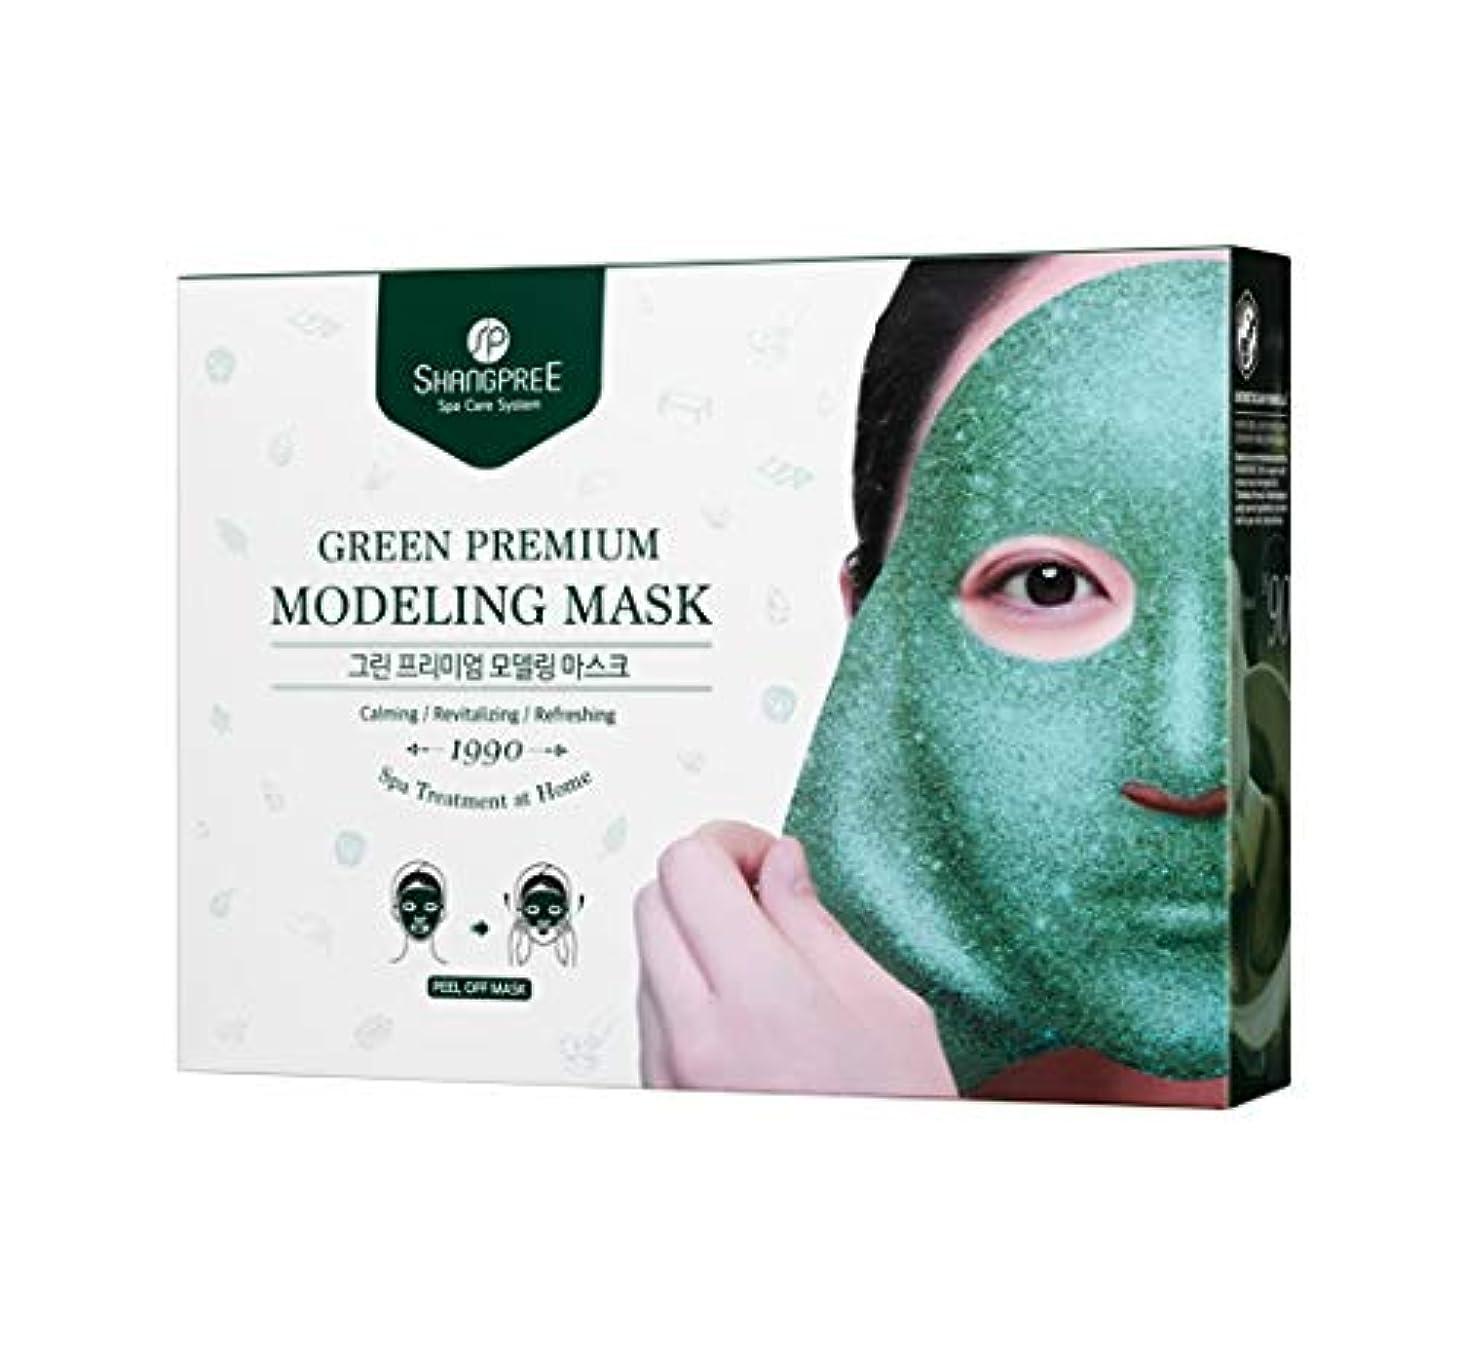 シロクマコーンビスケットShangpree グリーンプレミアムモデリングマスク 5枚 Green premium modeling mask 5ea (並行輸入品)